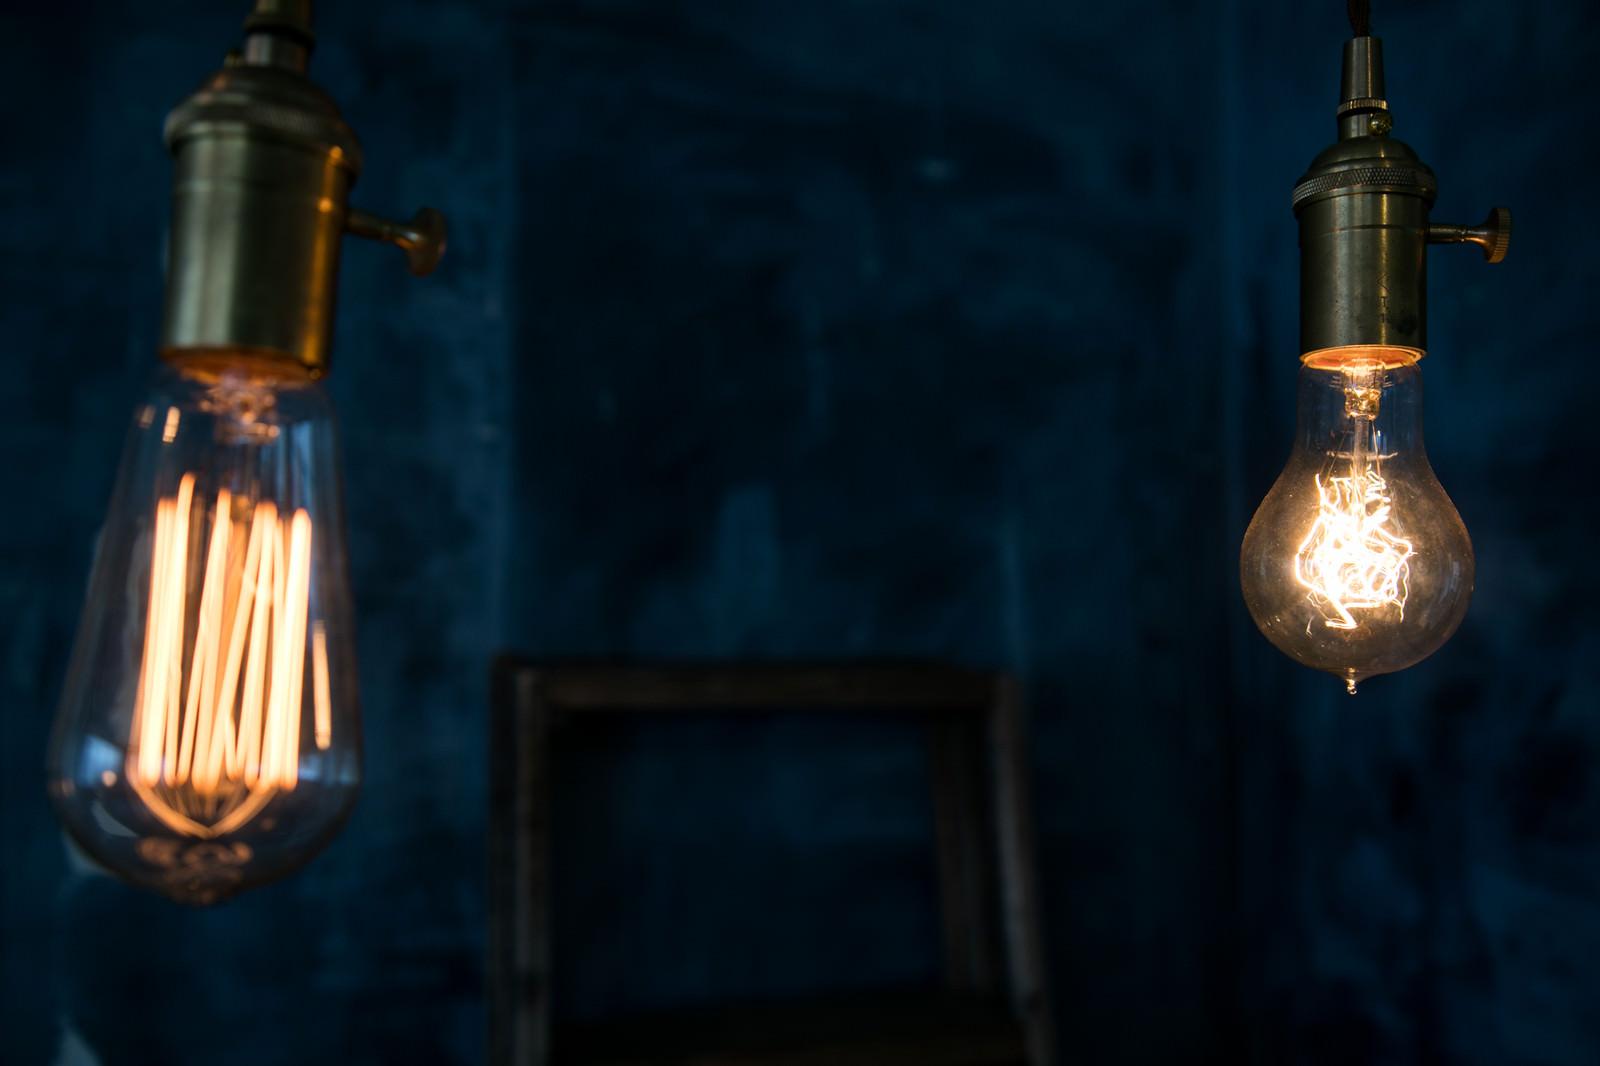 「レトロな白熱電球」の写真